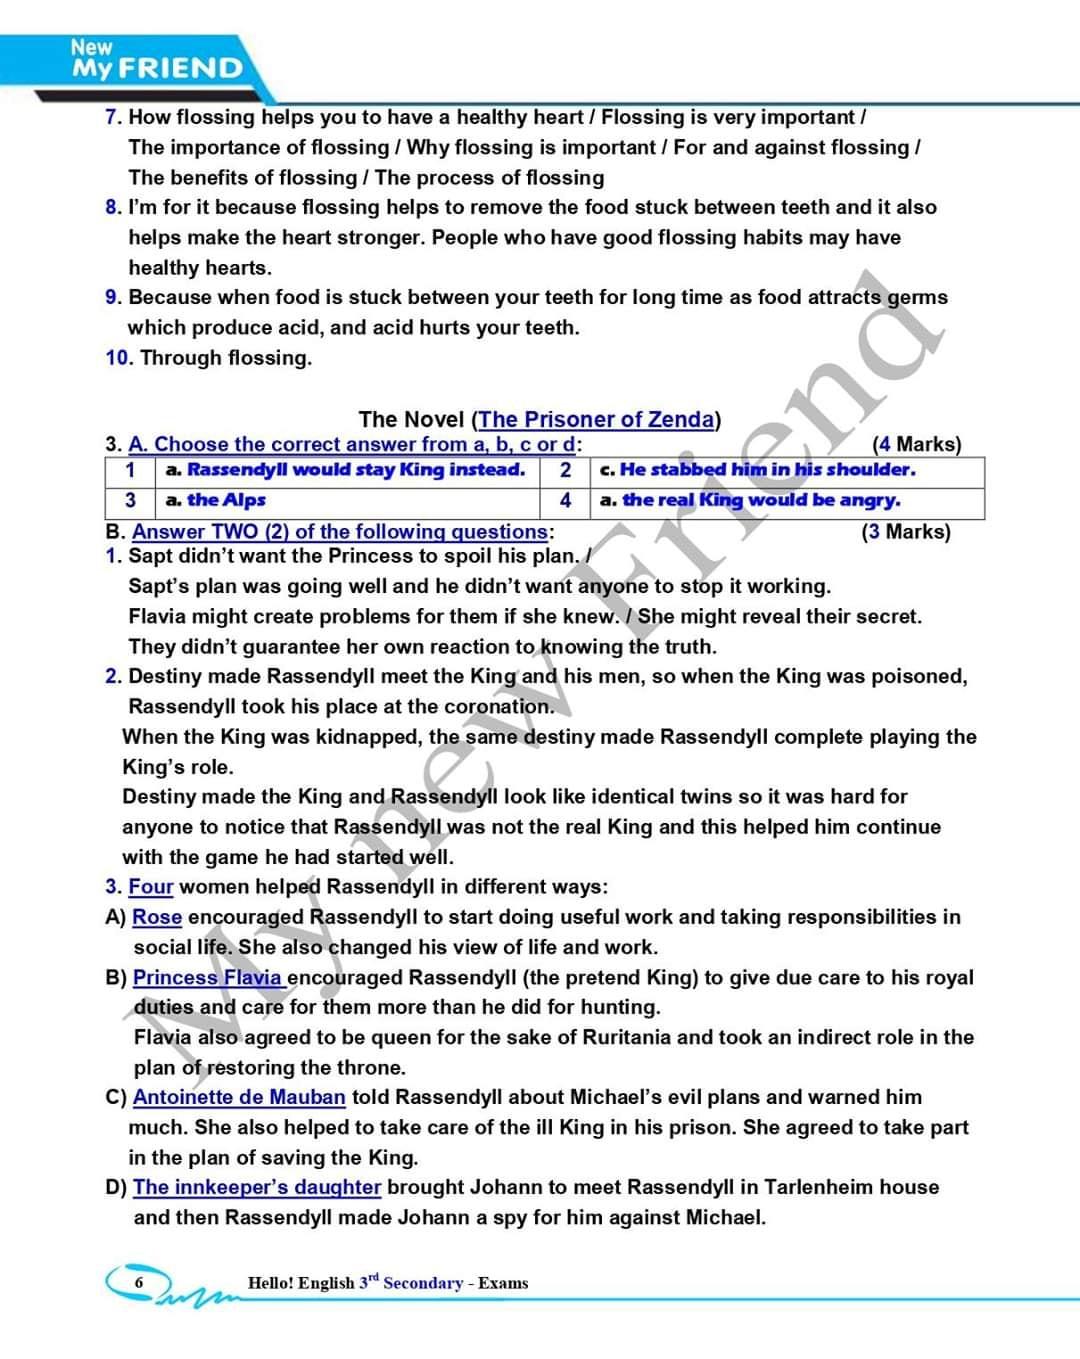 نموذج اجابة امتحان اللغة الانجليزية للثانوية العامة 2020 بتوزيع الدرجات 6